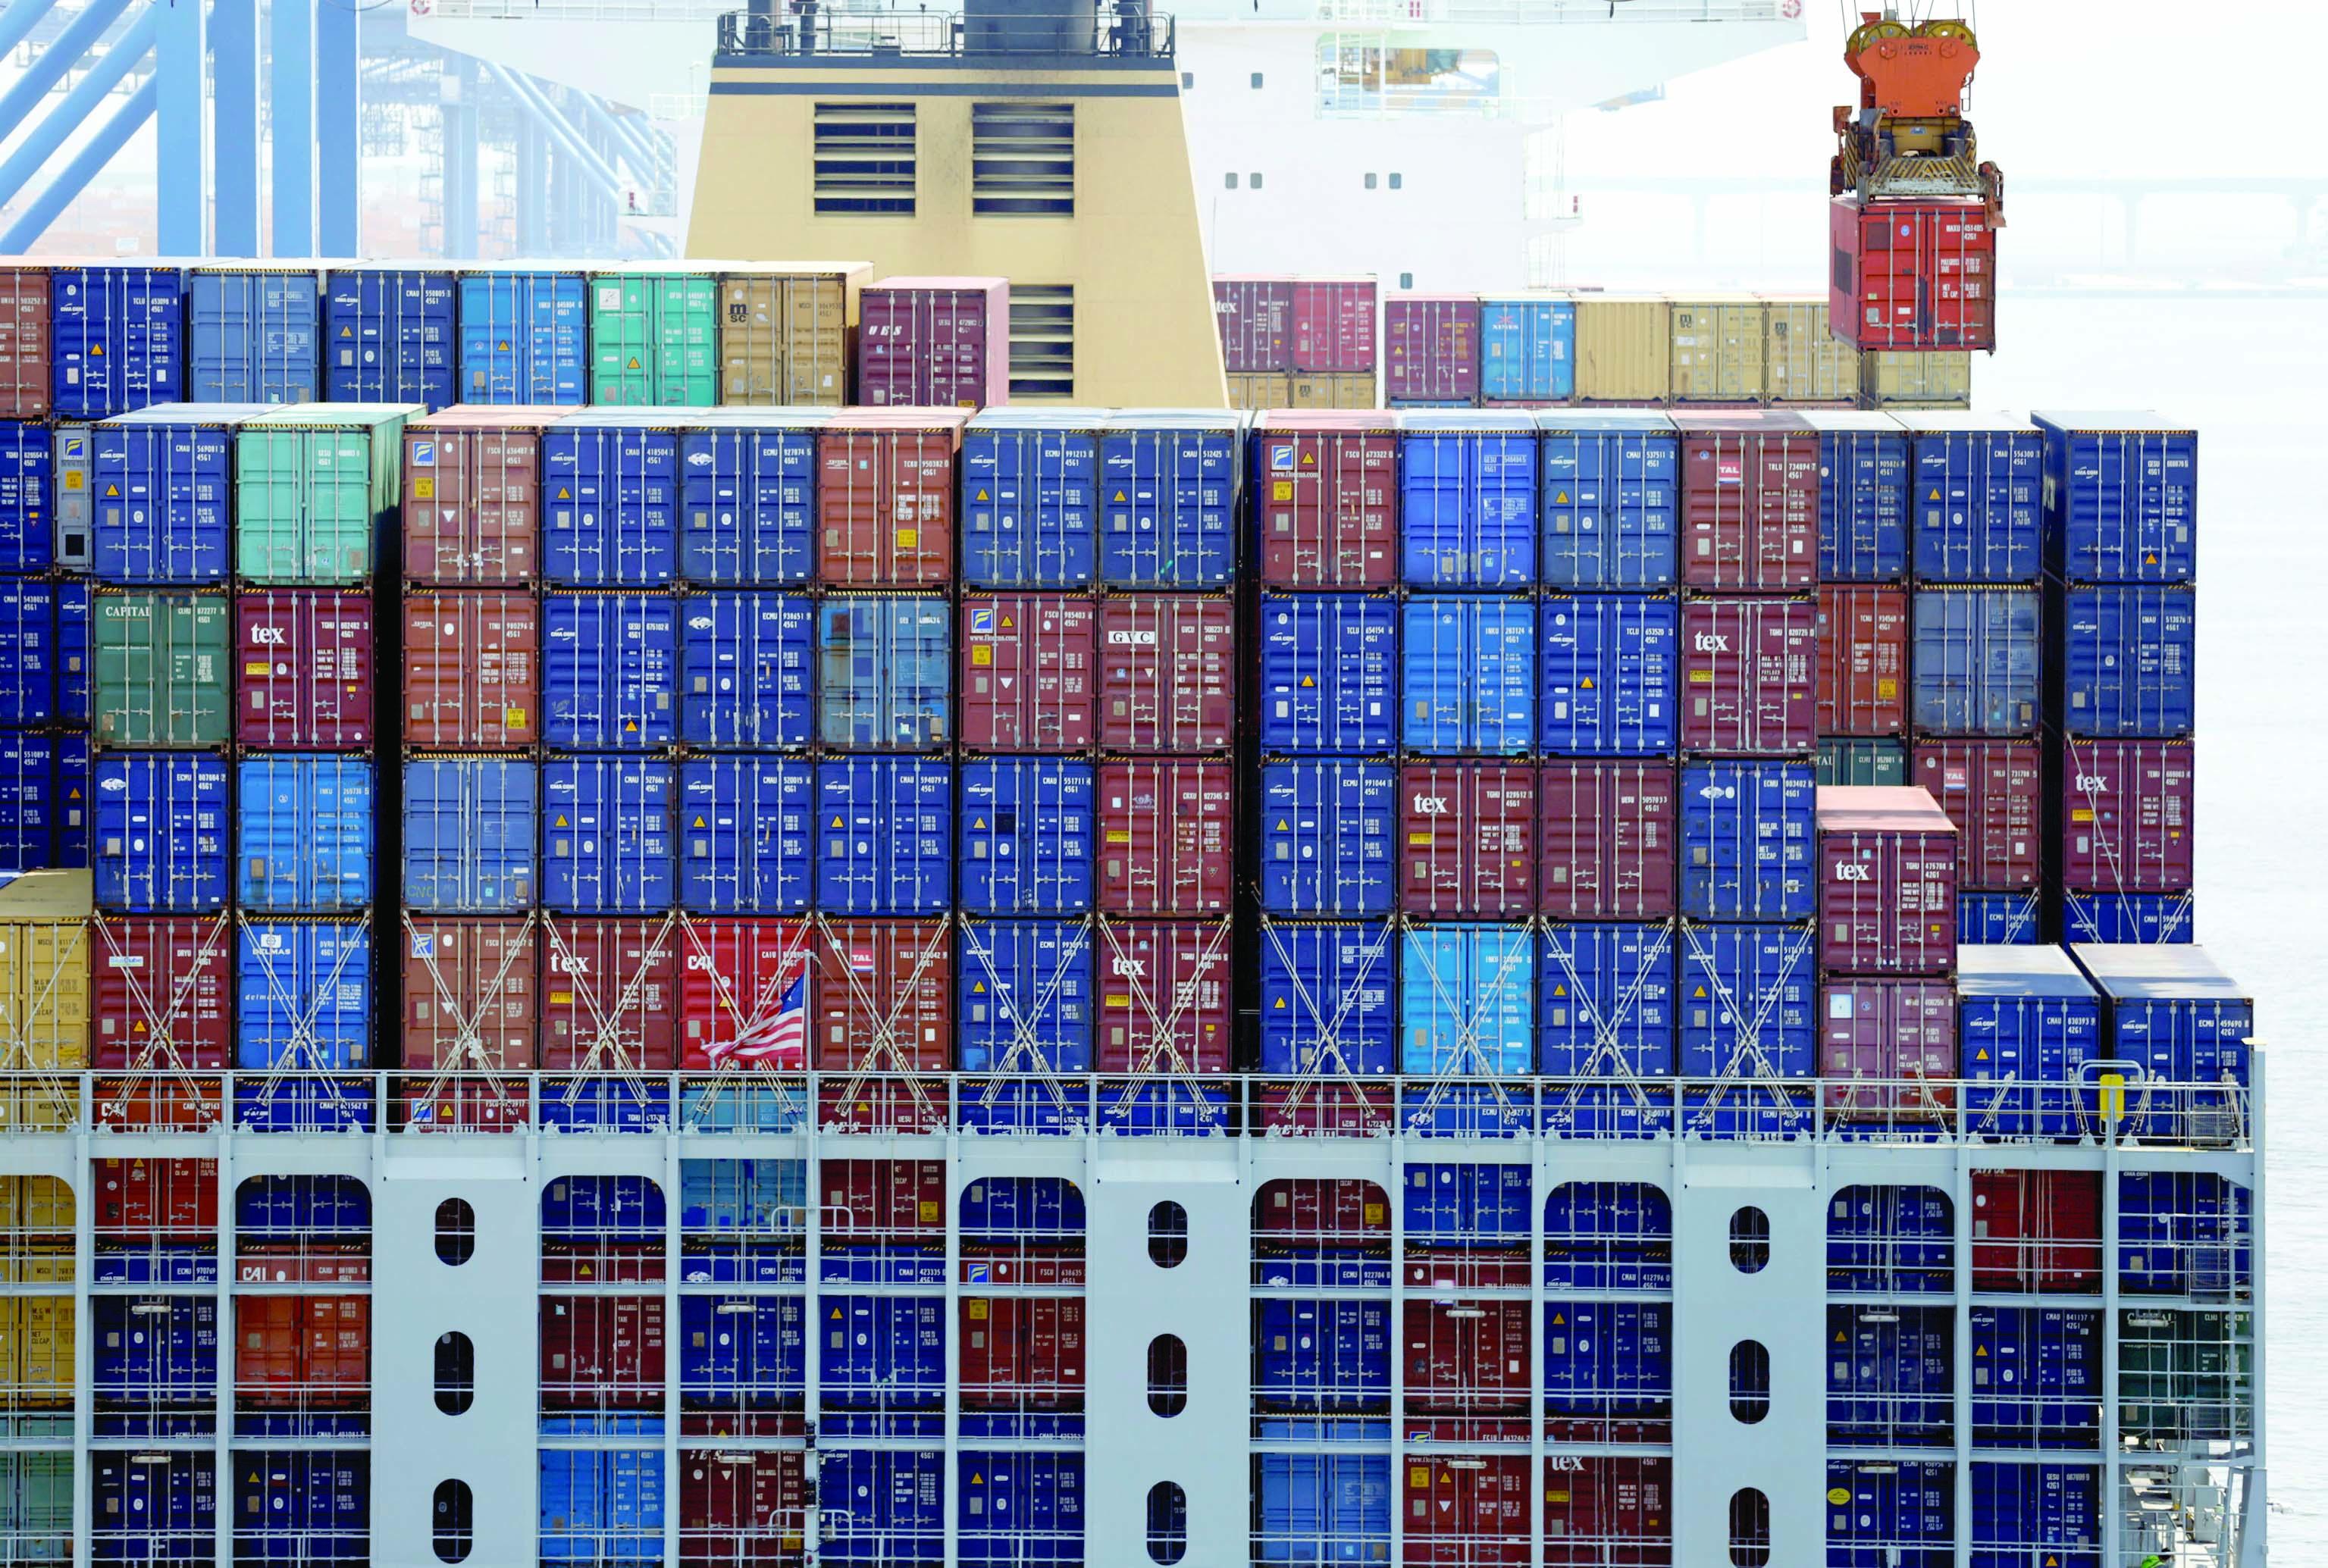 إصدار اللائحة التنظيمية للإدارة الآمنة للسفن التجارية